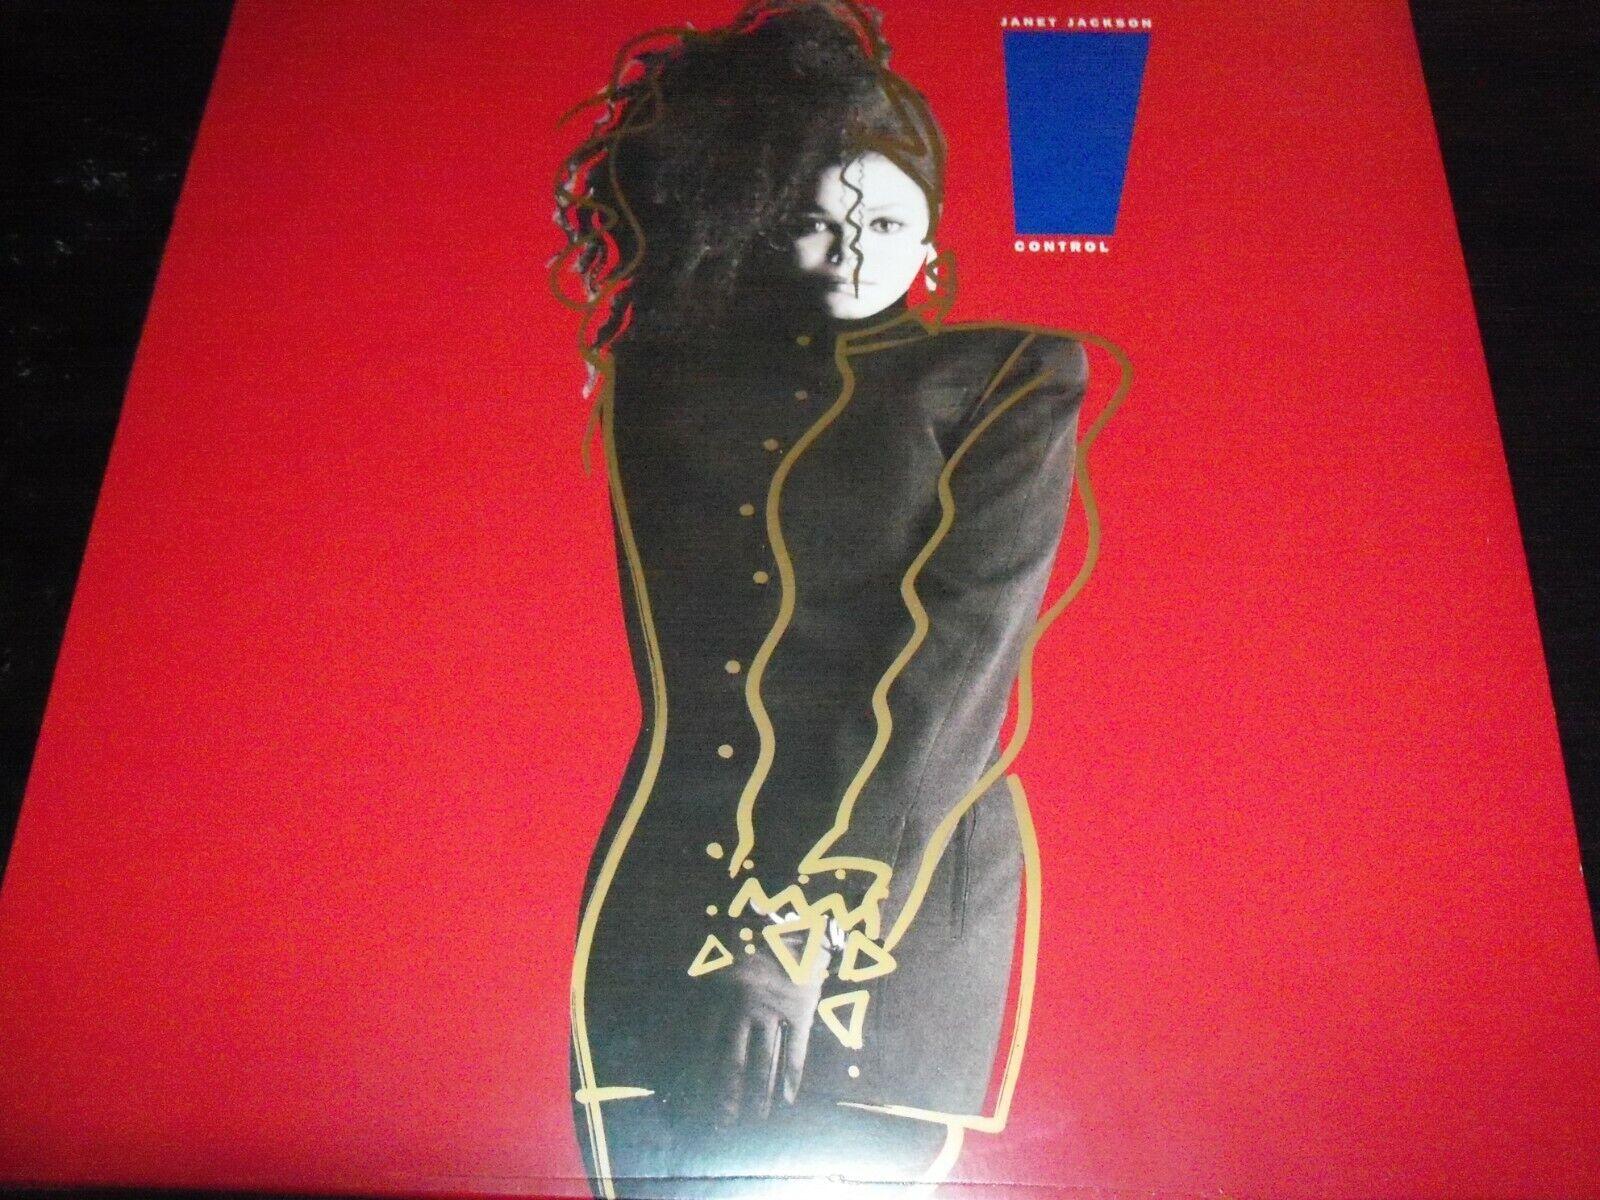 Janet Jackson – control limitado Rojo Vinilo Lp-Nuevo